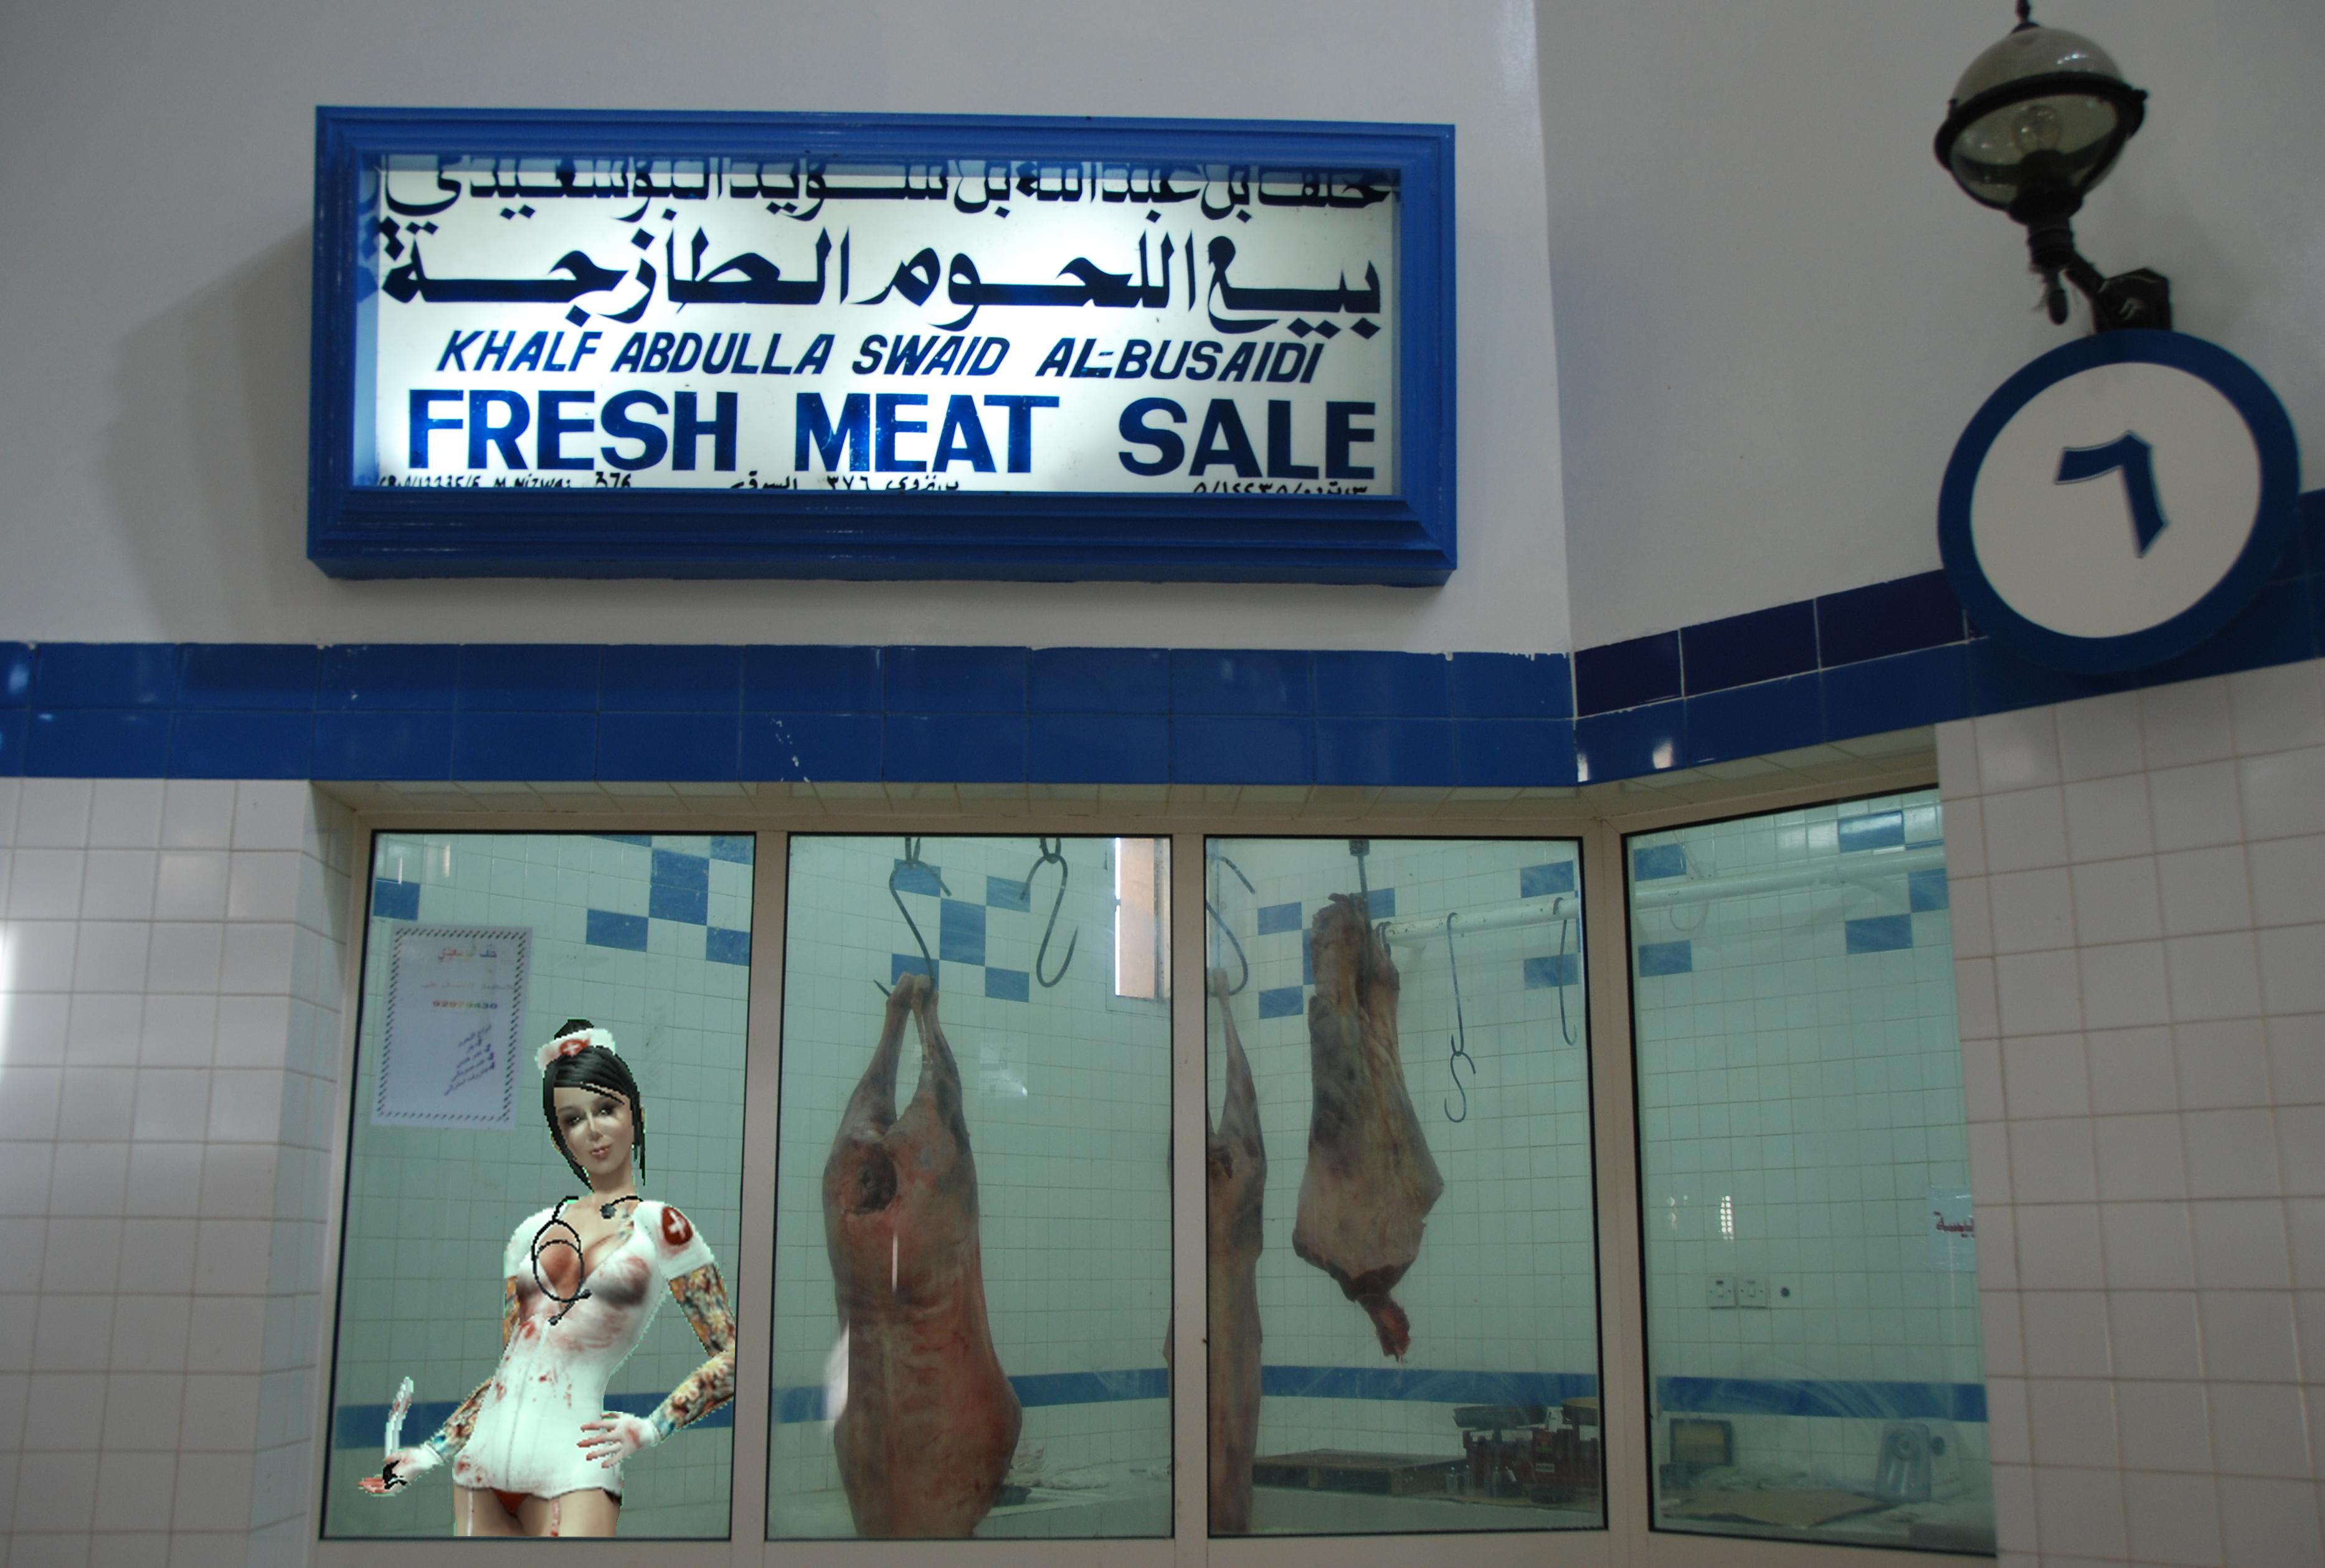 Fresh Meat Sale